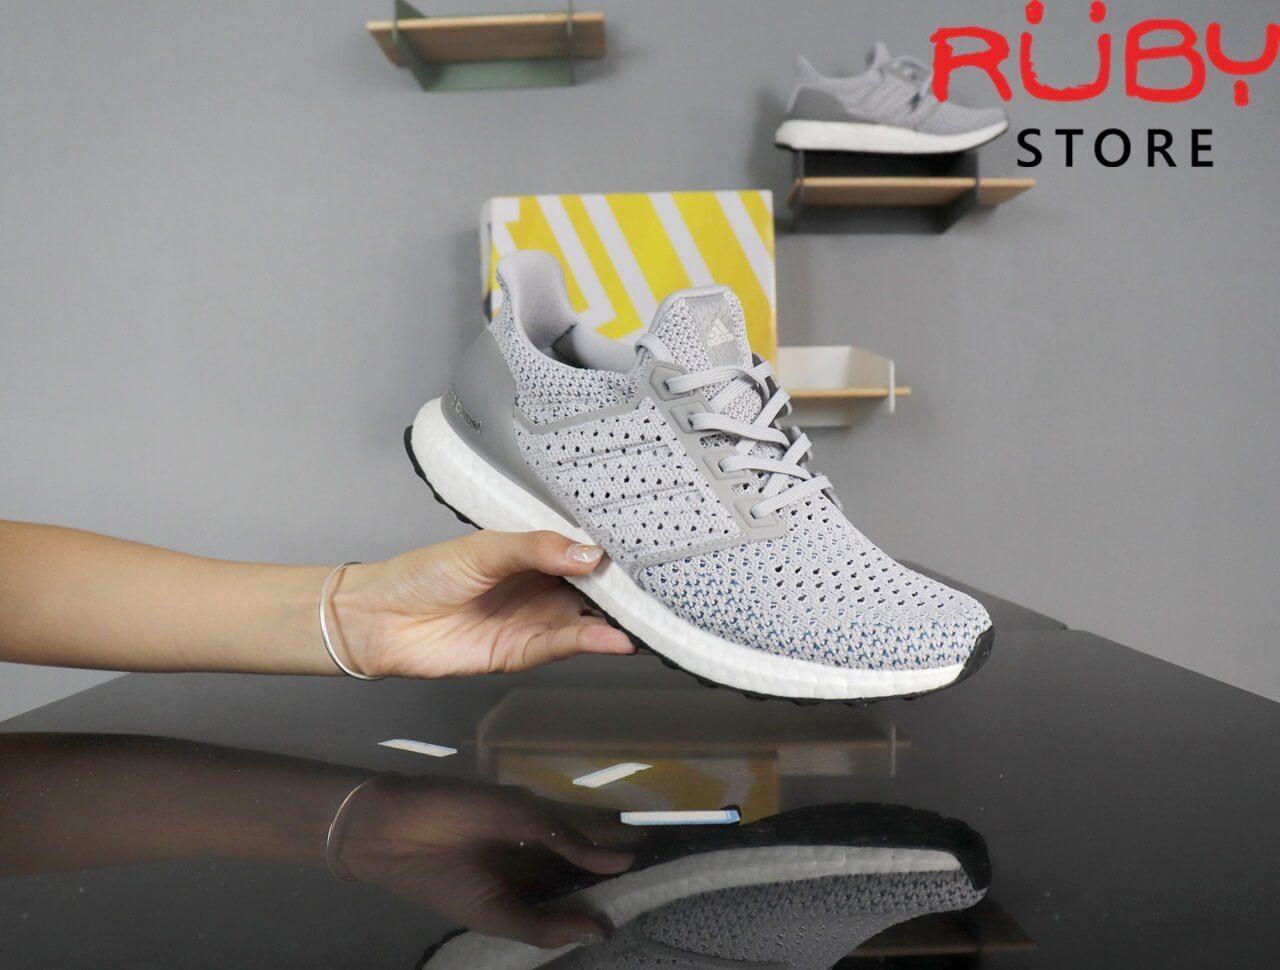 giay-adidas-ultraboost-clima-xam-replica-hcm (7)